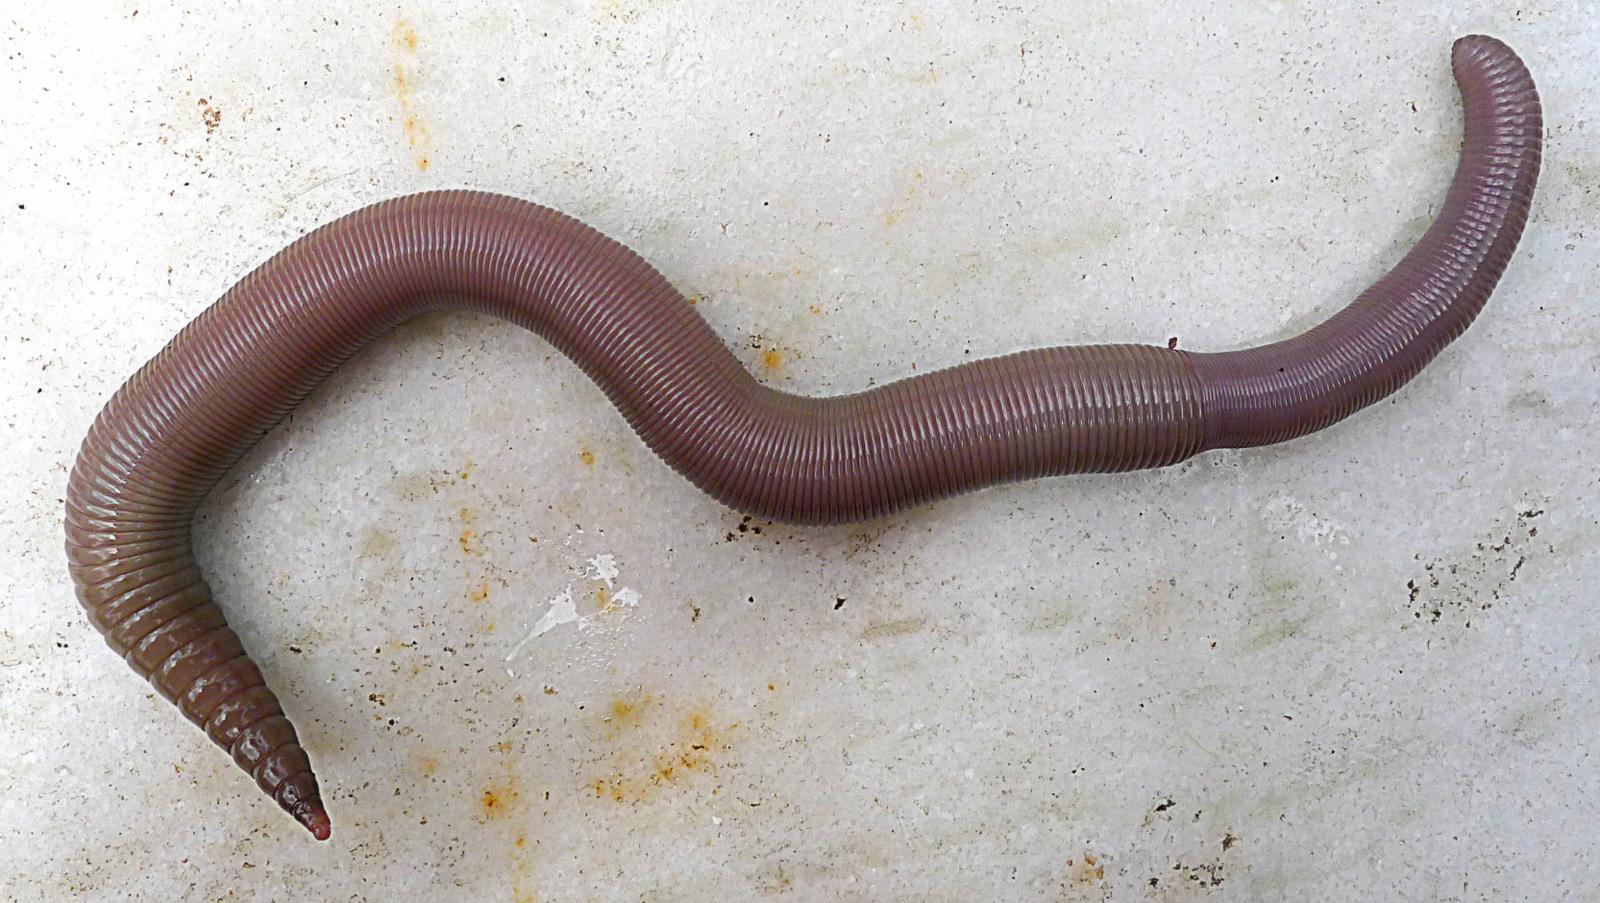 Annelid worm.jpg